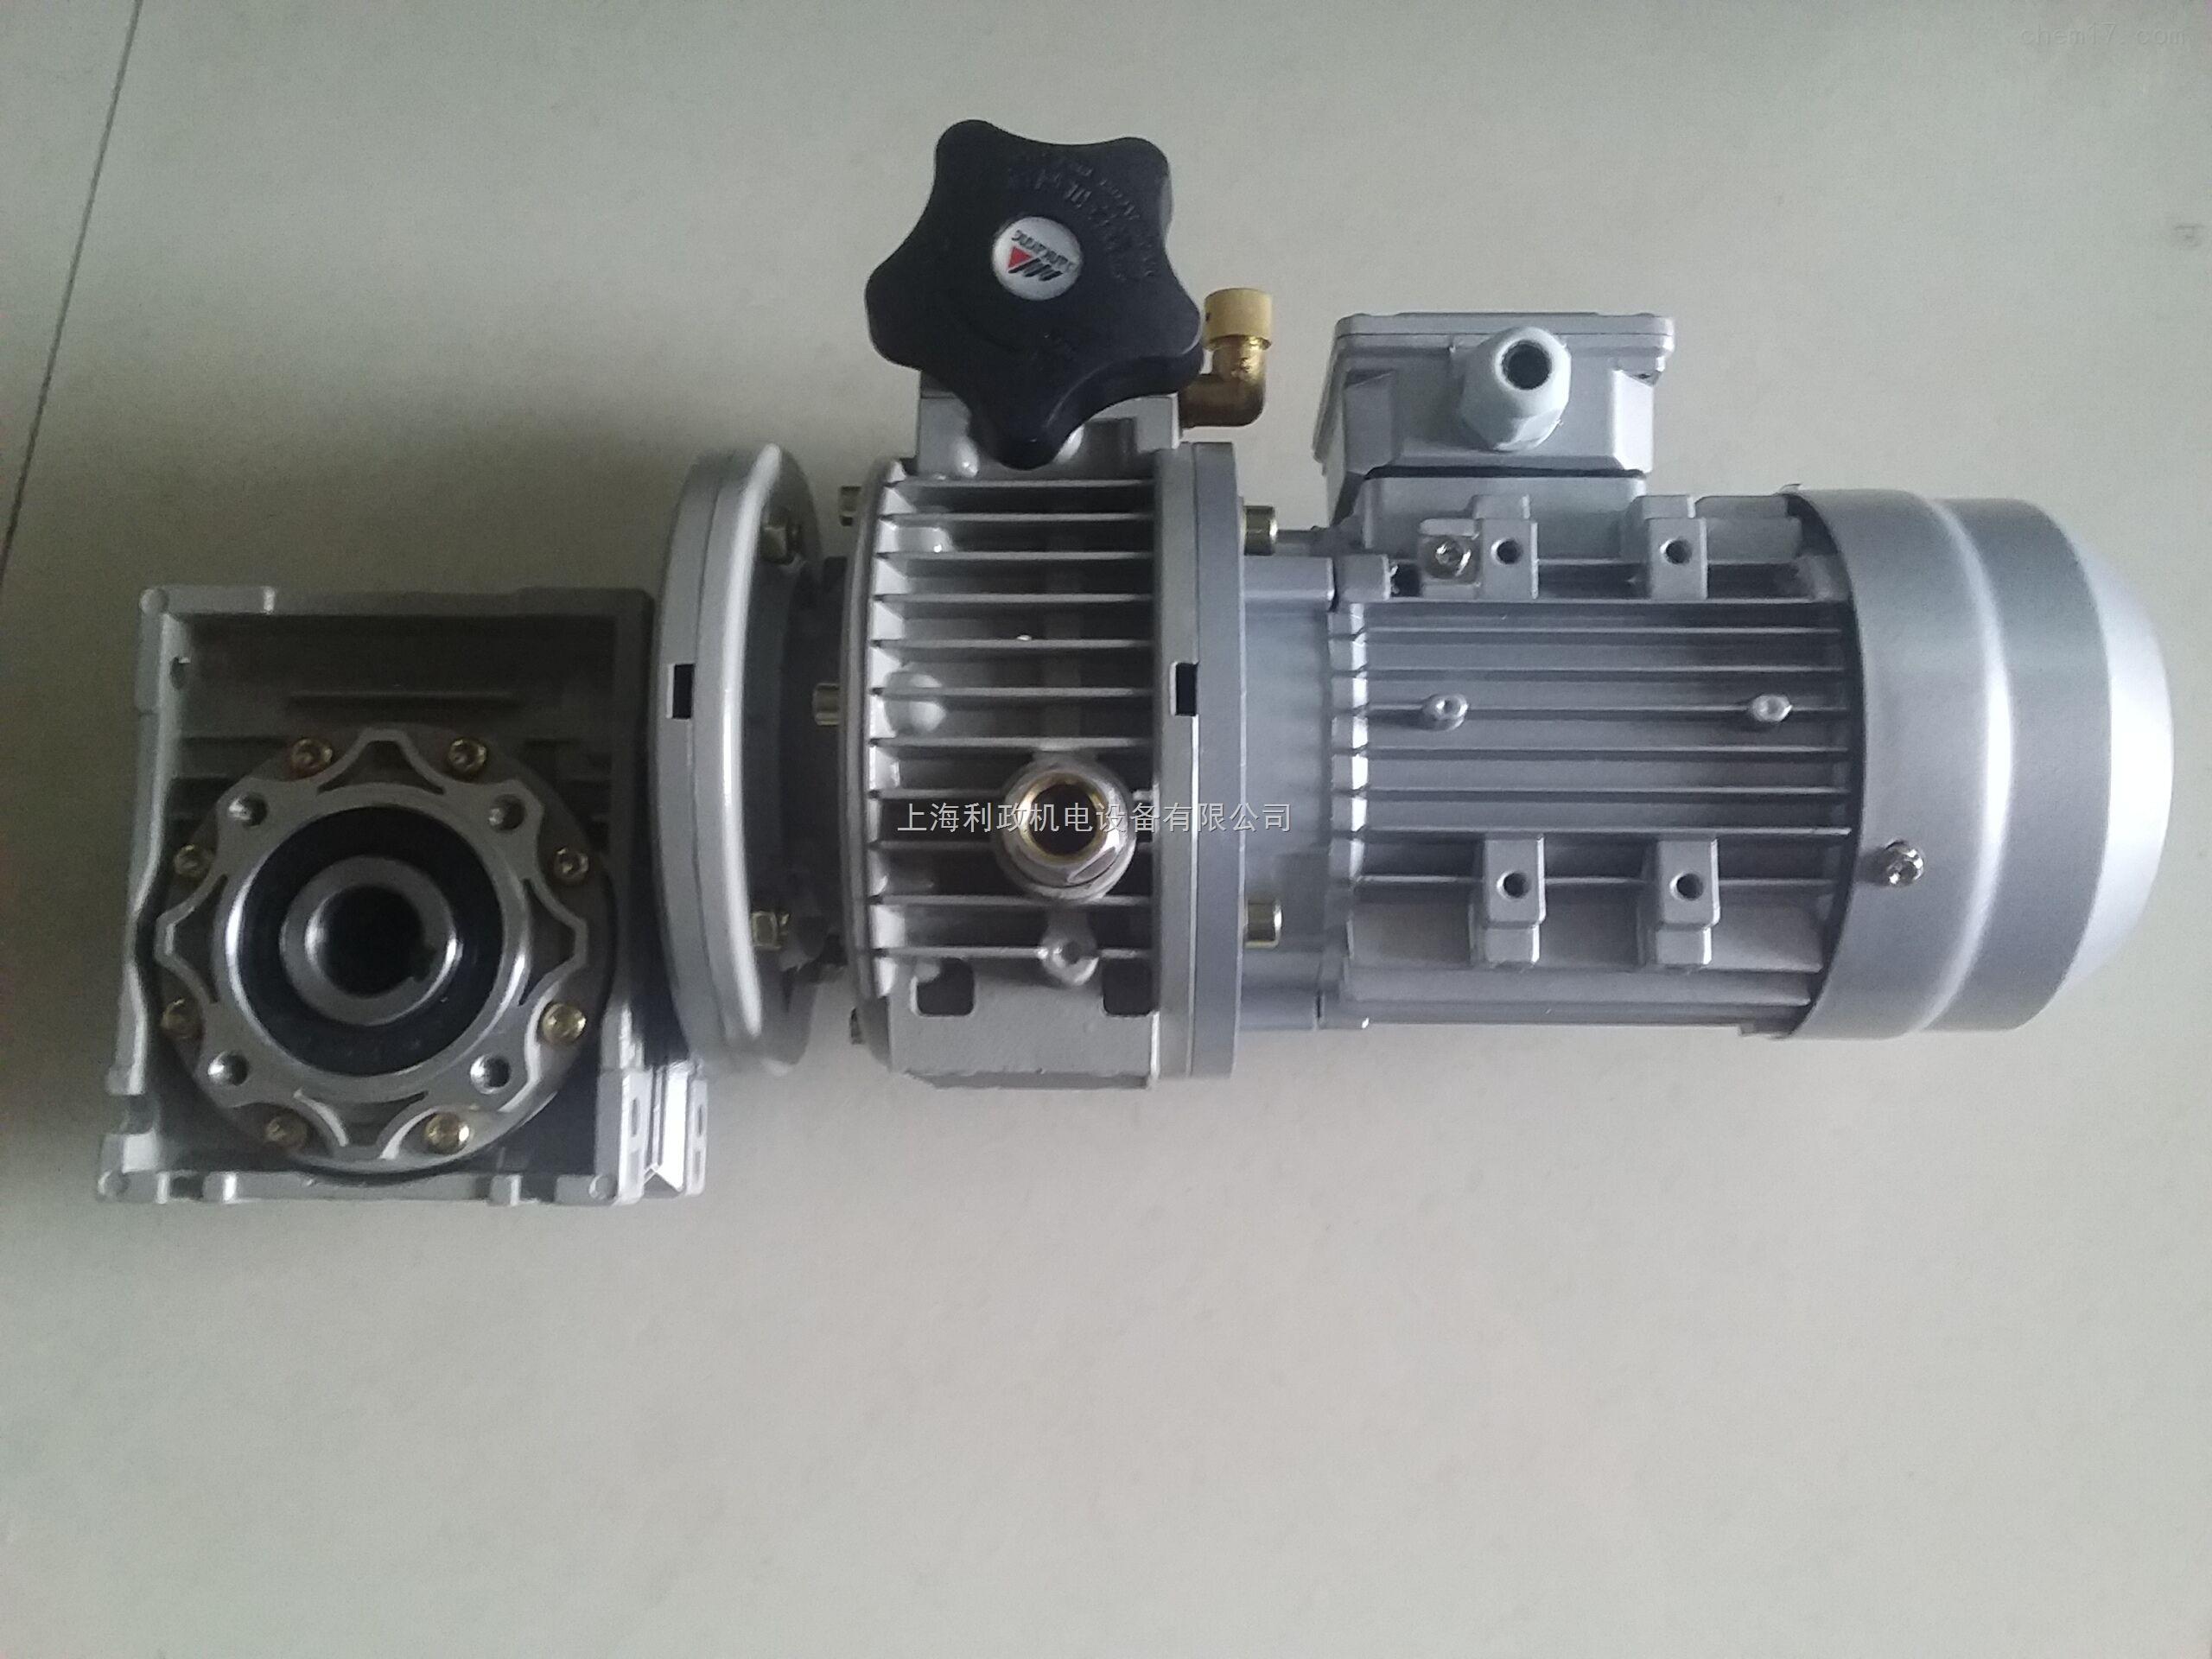 金華 瑞安UDL005渦輪無極變速機